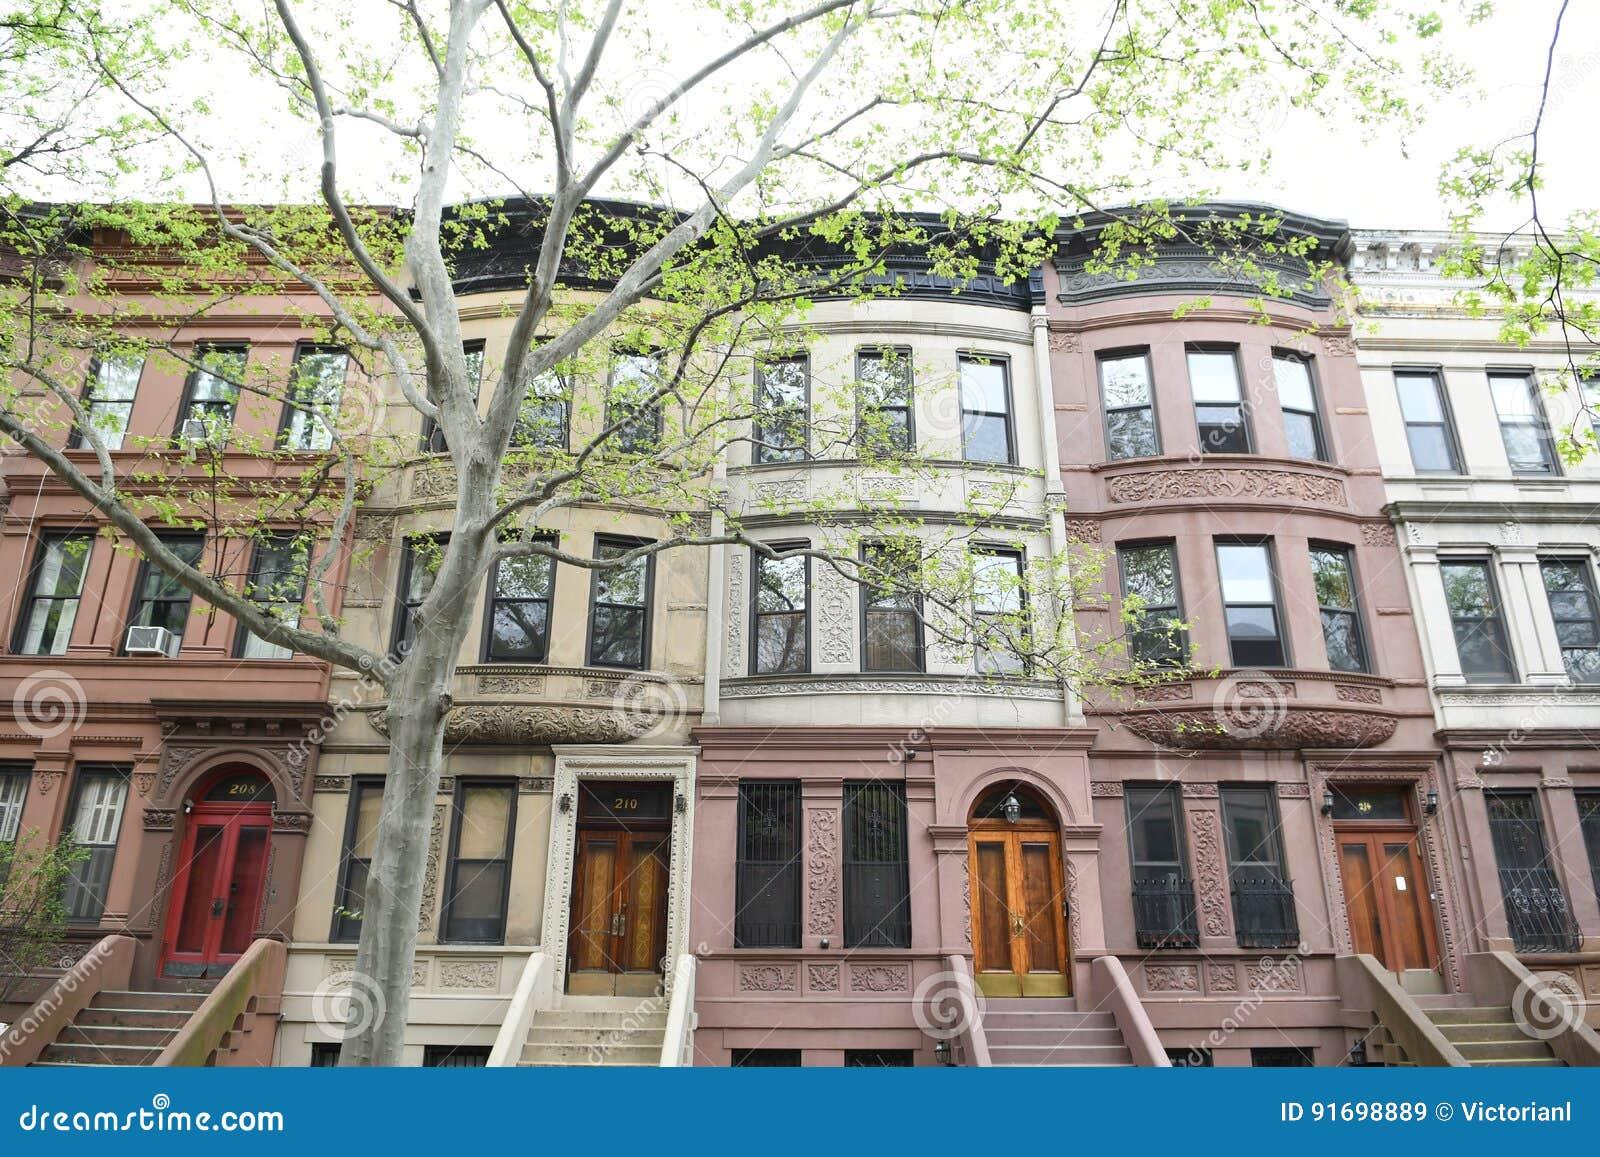 Harlem ocidental, New York City